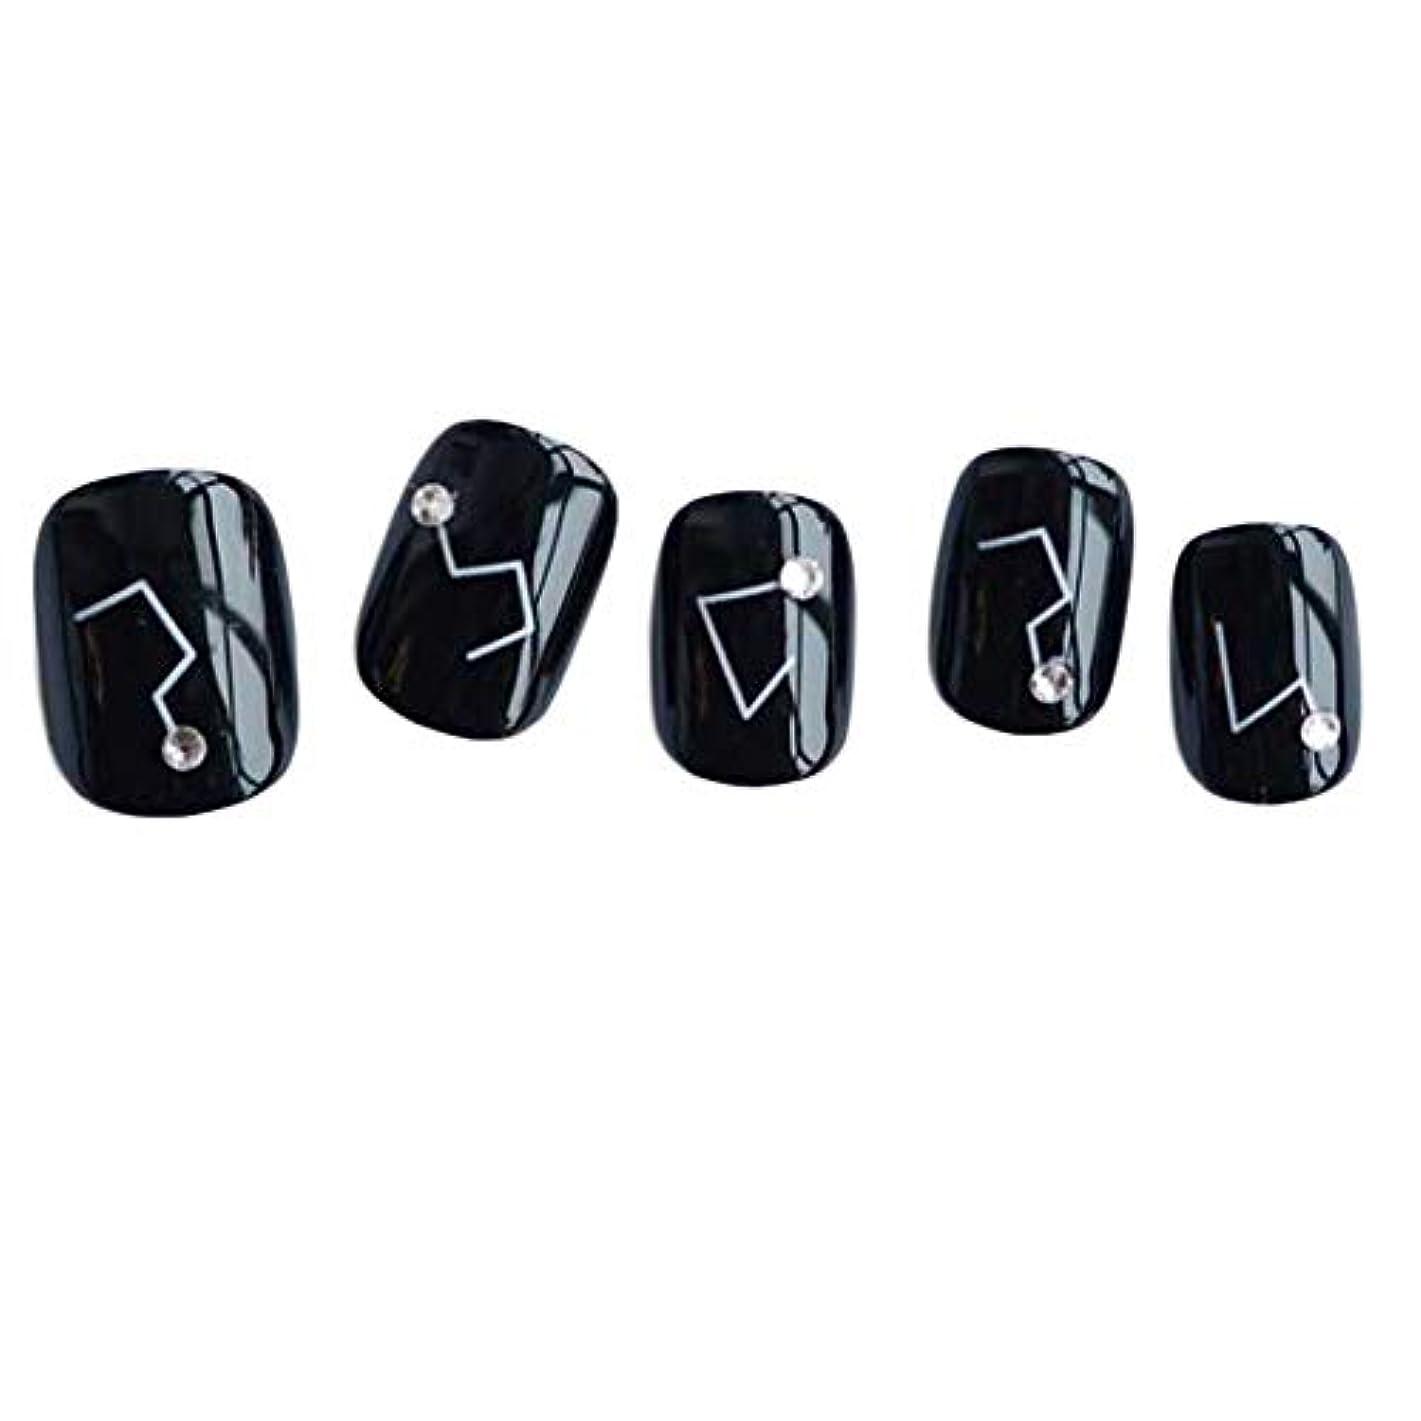 星座 - 黒い短い偽の指爪人工爪の装飾の爪のヒント